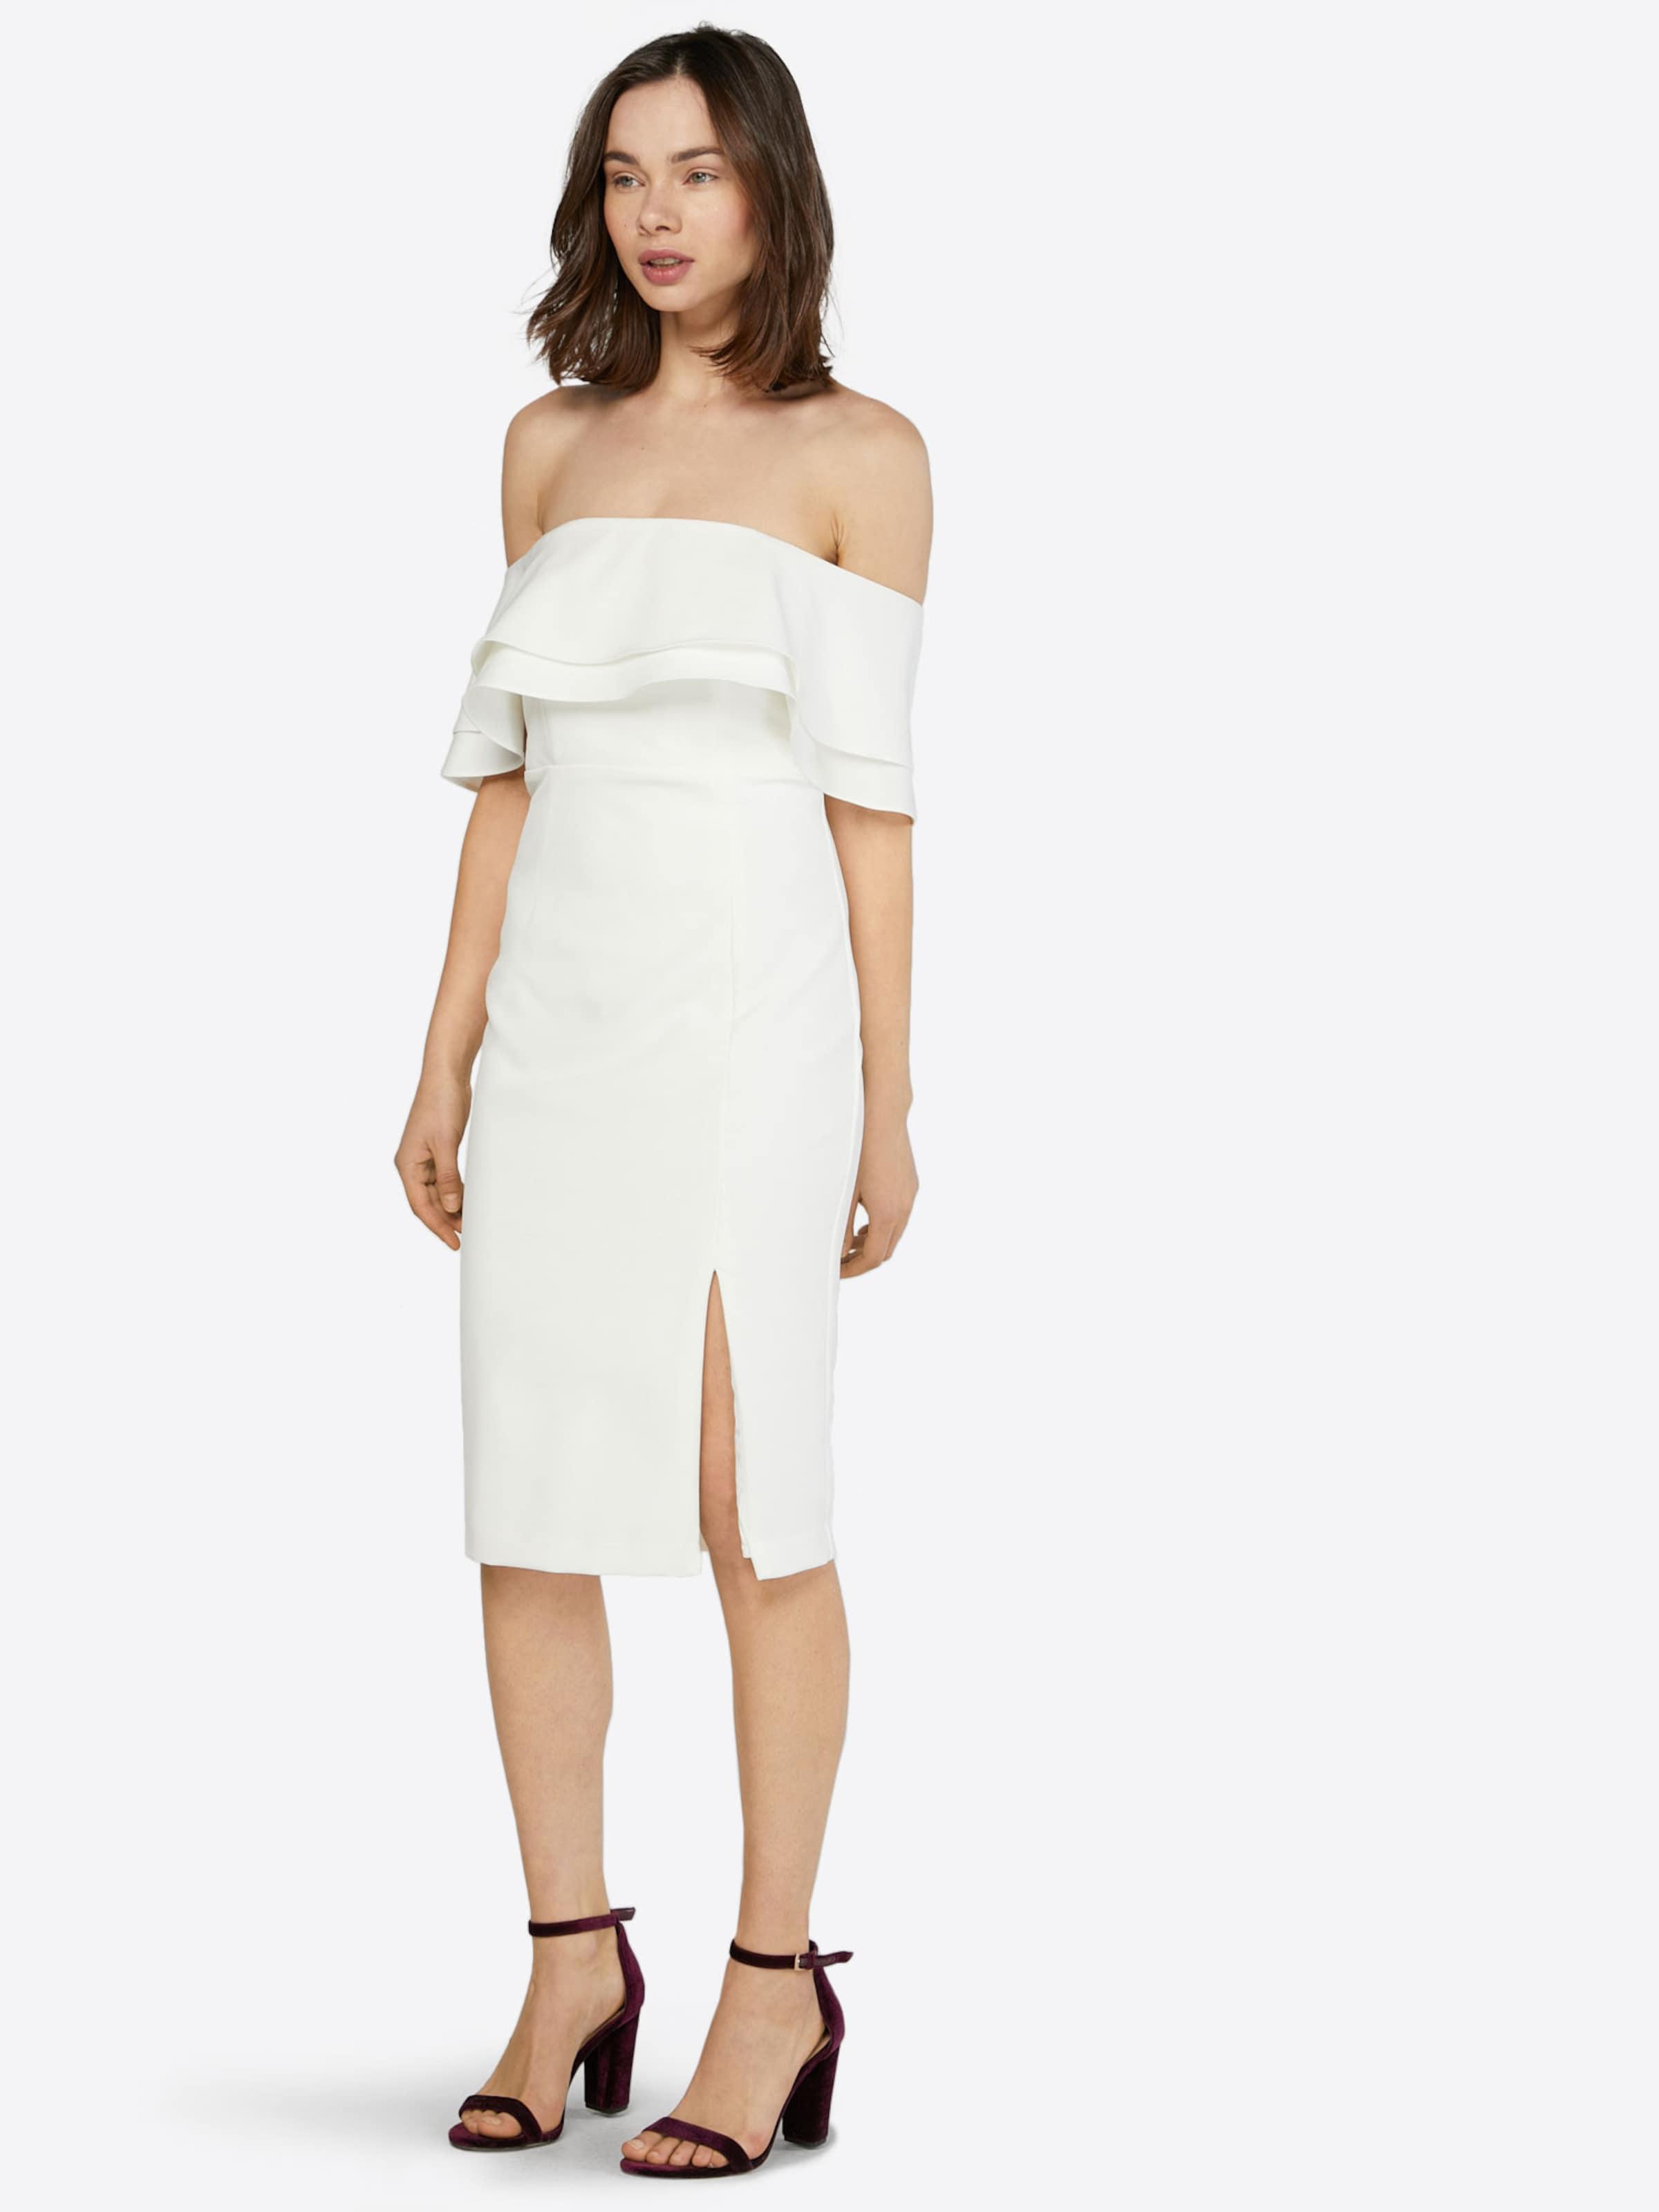 Bardot Kleid 'BAND' Steckdose Mit Paypal Online Bestellen Billige Websites Rabatt 100% Authentische Verkauf Gut Verkaufen NZTmd